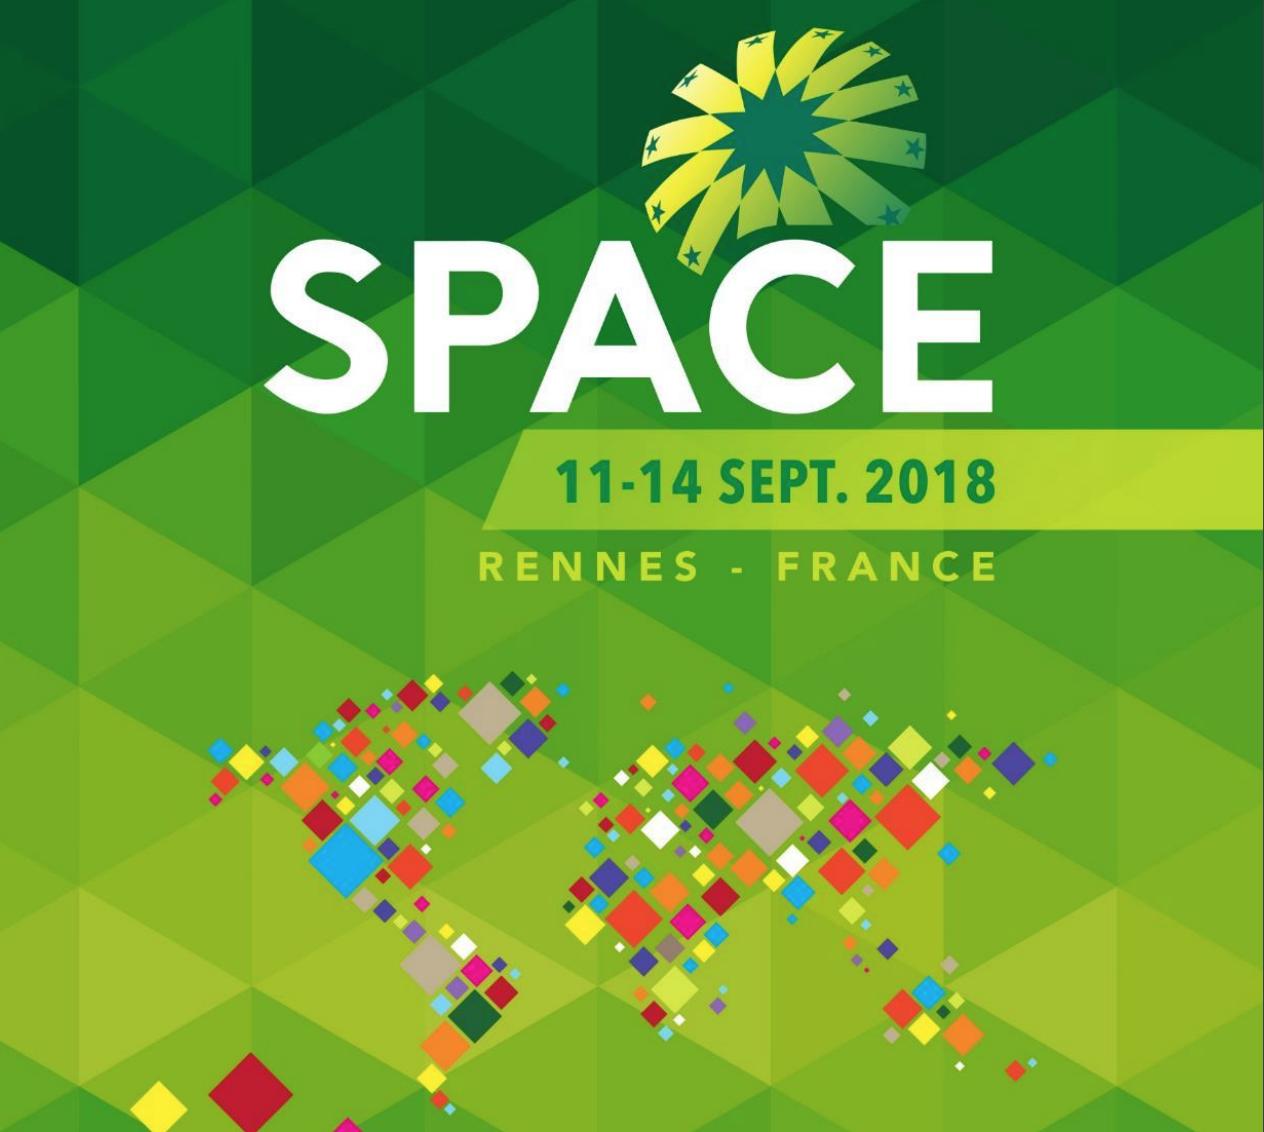 Le Conseil des Equidés de Bretagne sera présent au SPACE à Rennes, du 11 au 14 septembre